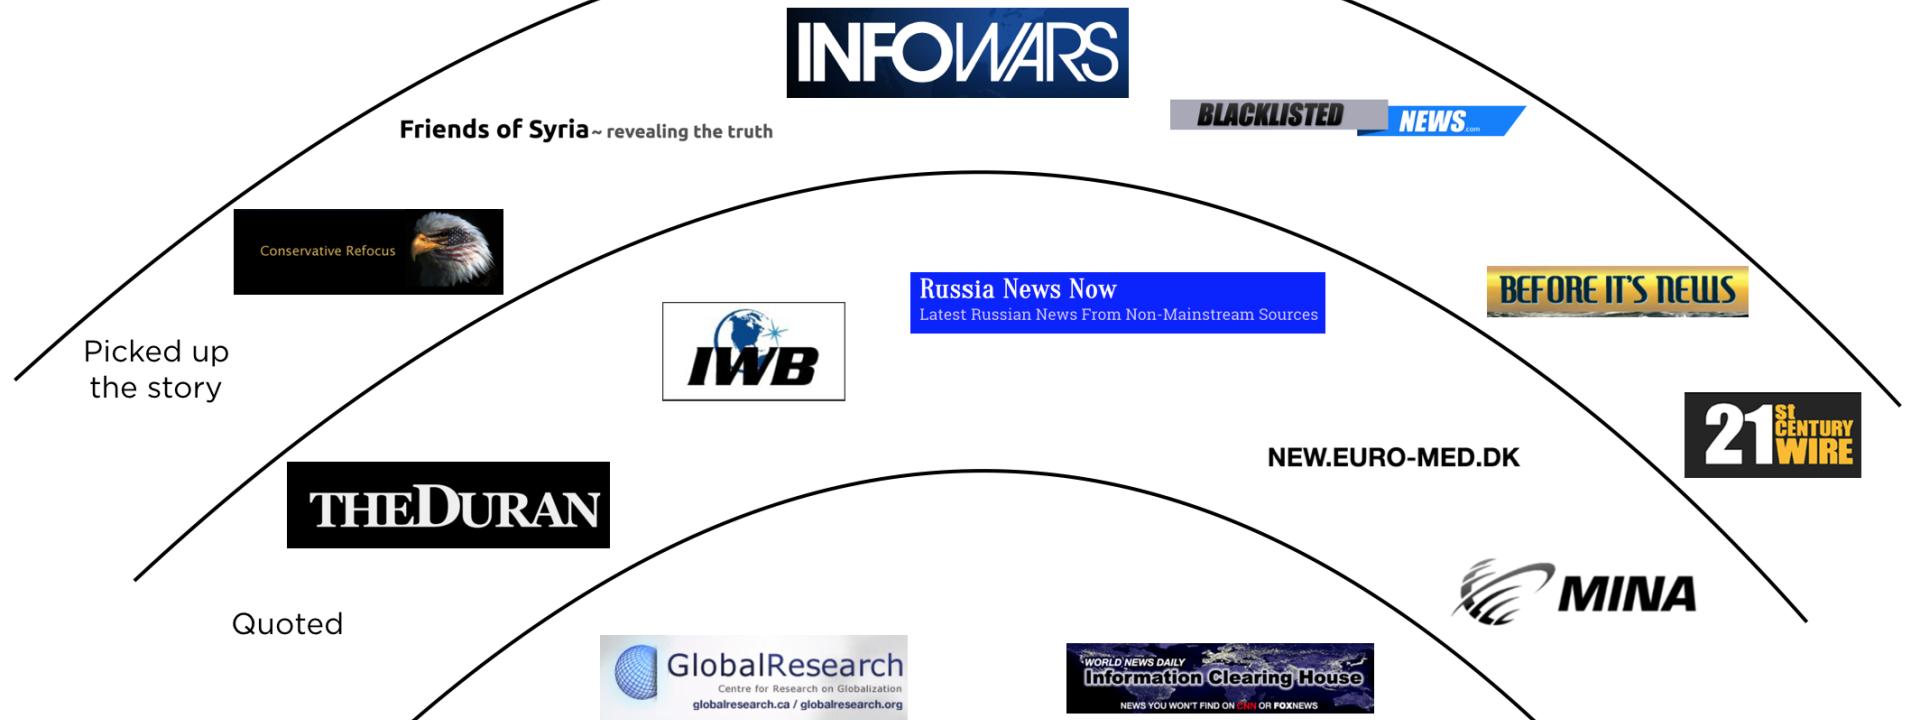 """Das Diagramm von DFRLab zeigt, wie schnell sich die Behauptung des Angriffs unter """"falscher Flagge"""" nach dem Chemiewaffenangriff verbreitete."""